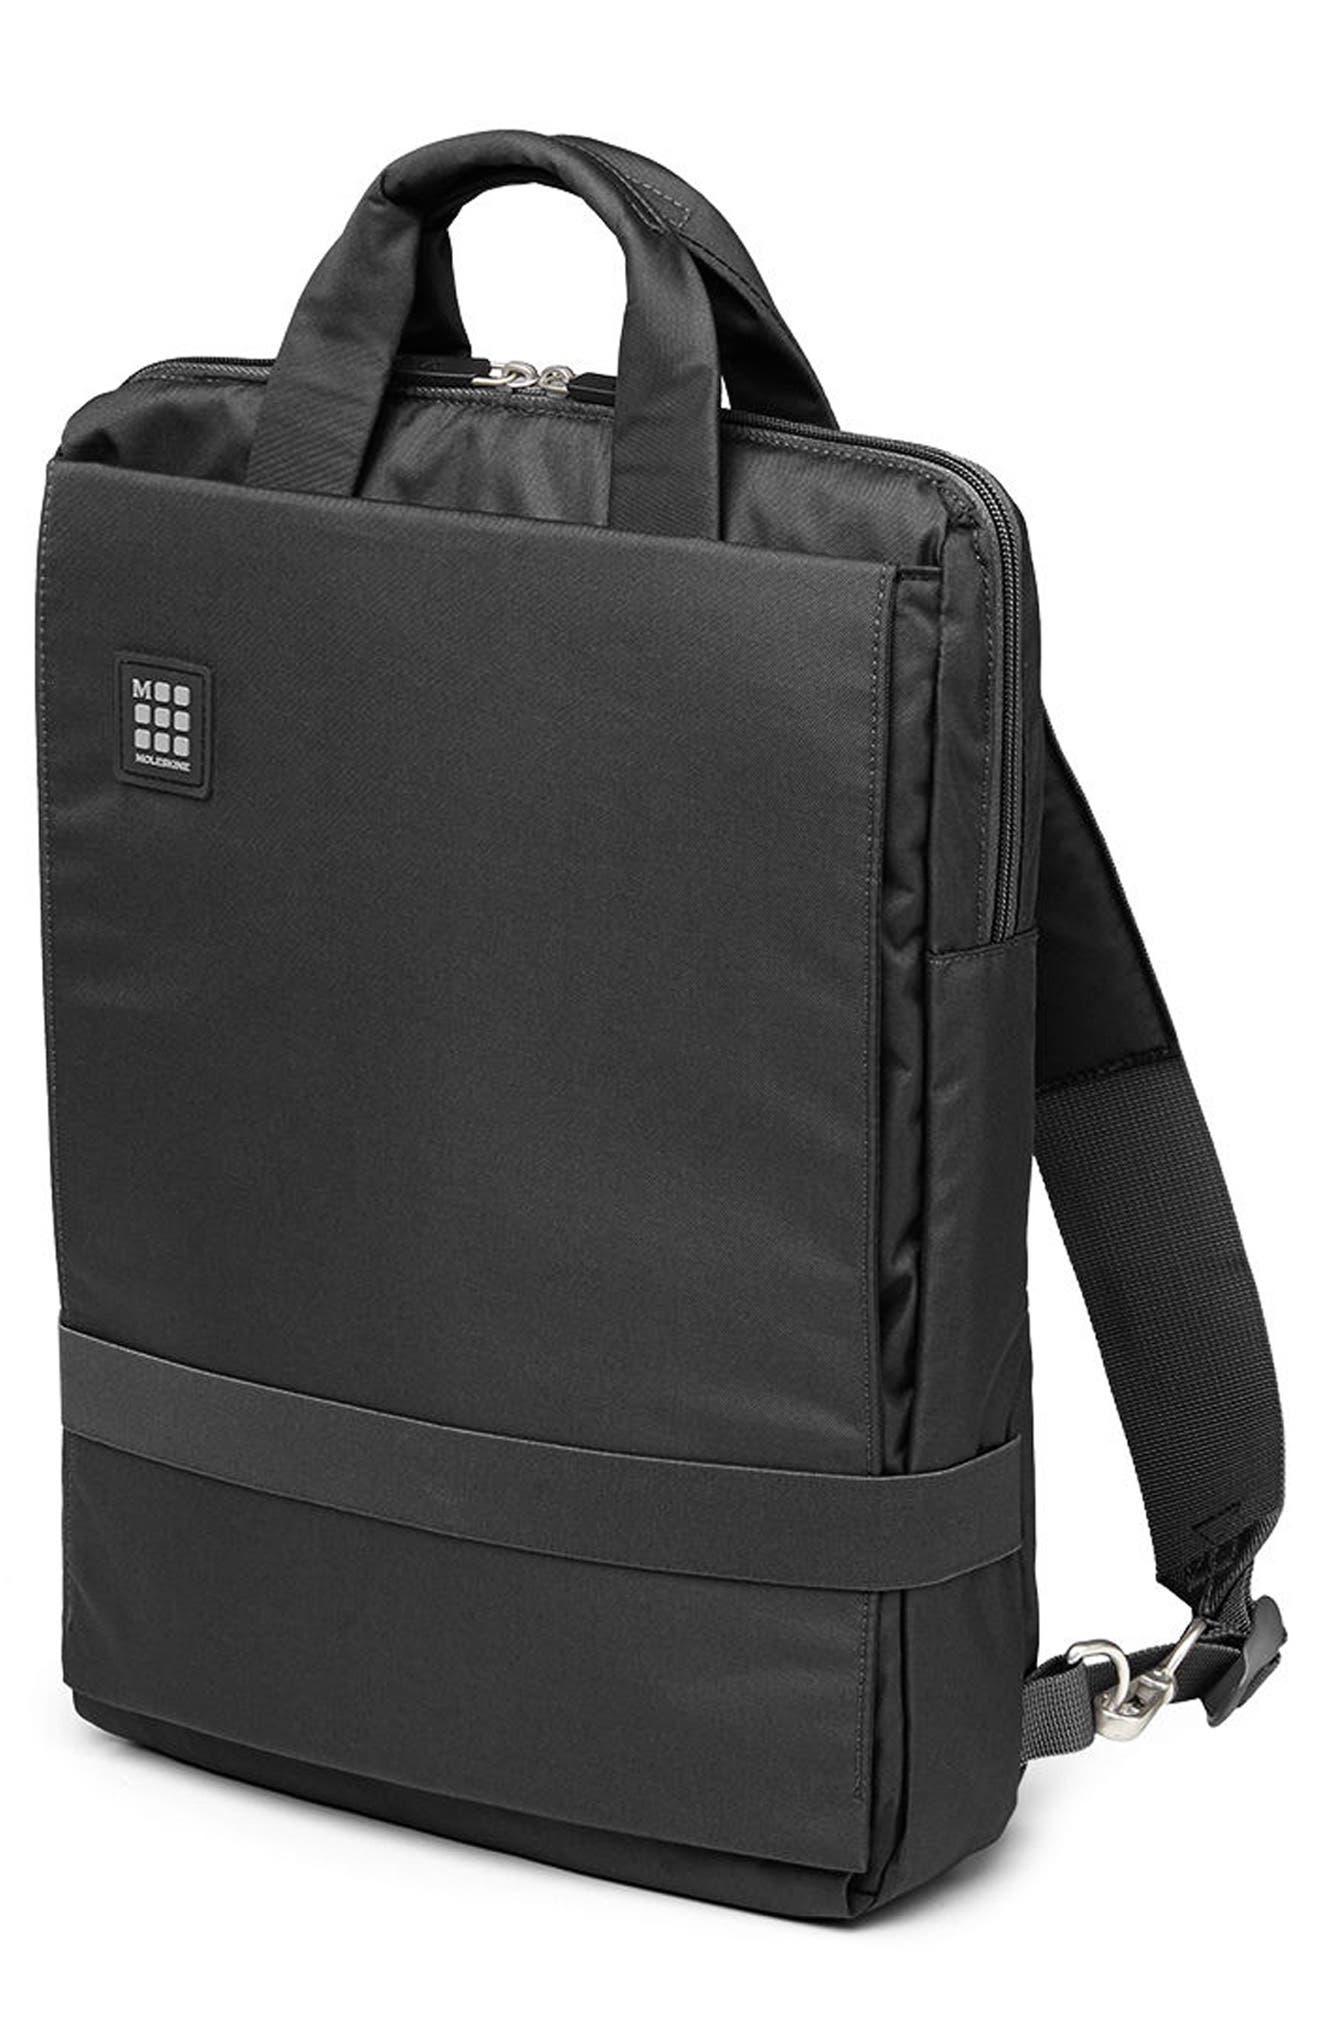 Moleskine Vertical Device Bag